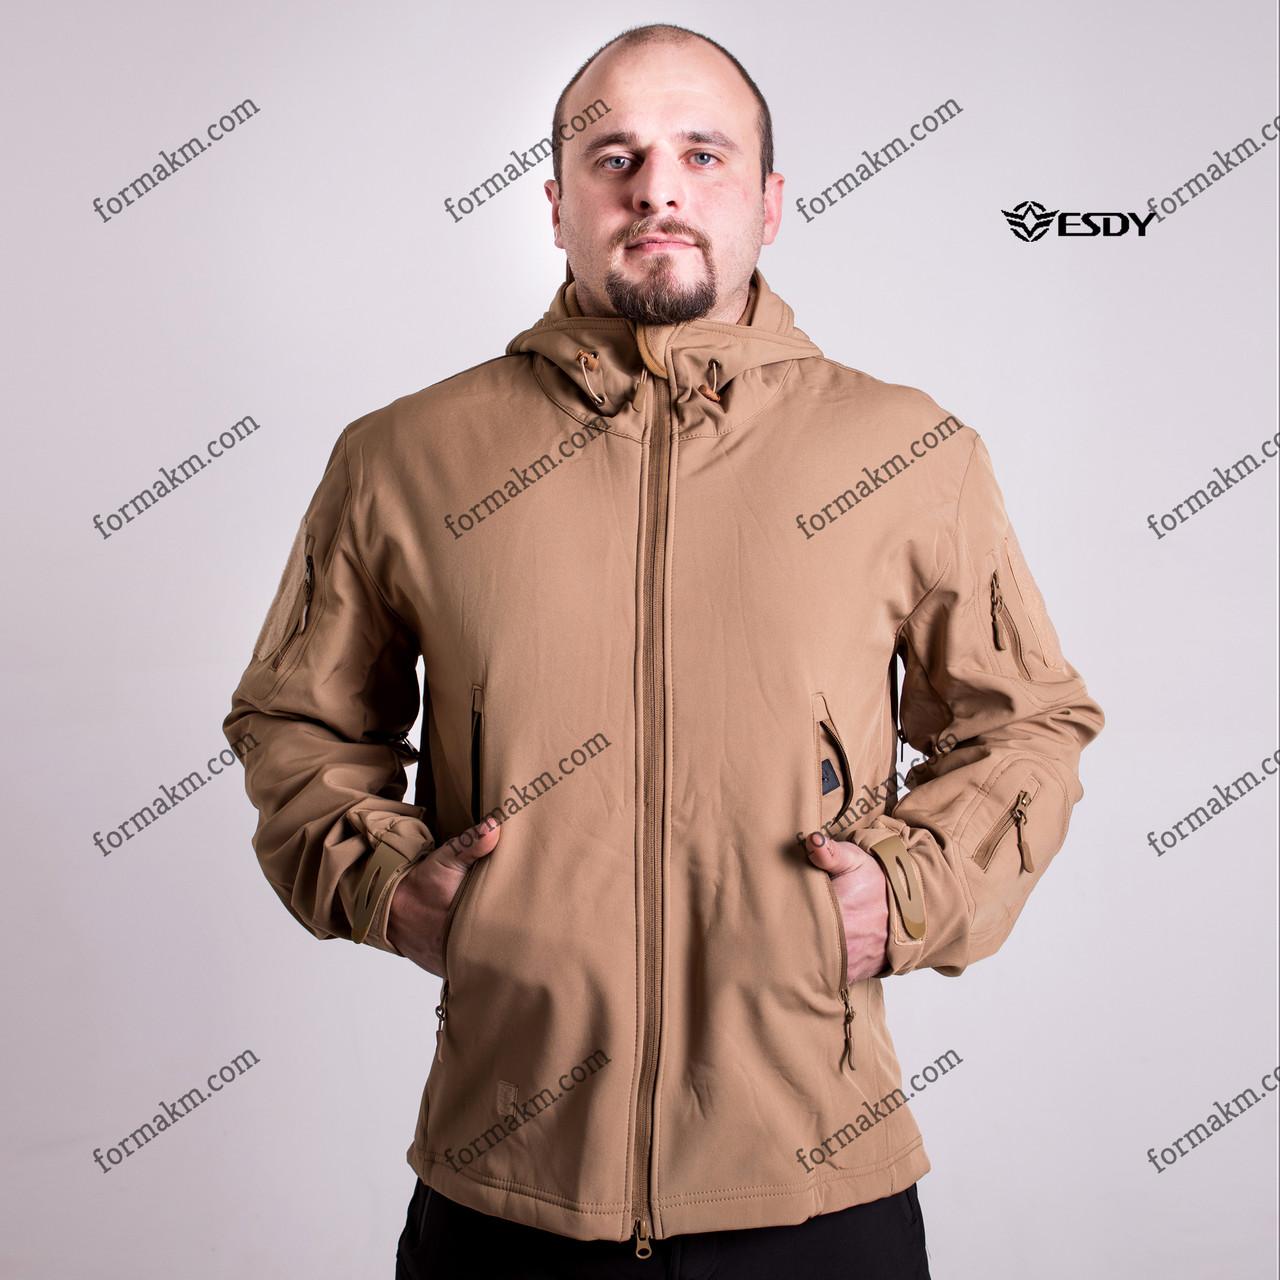 Тактическая куртка Демисезонная ESDY SoftShell Ranger Coyote